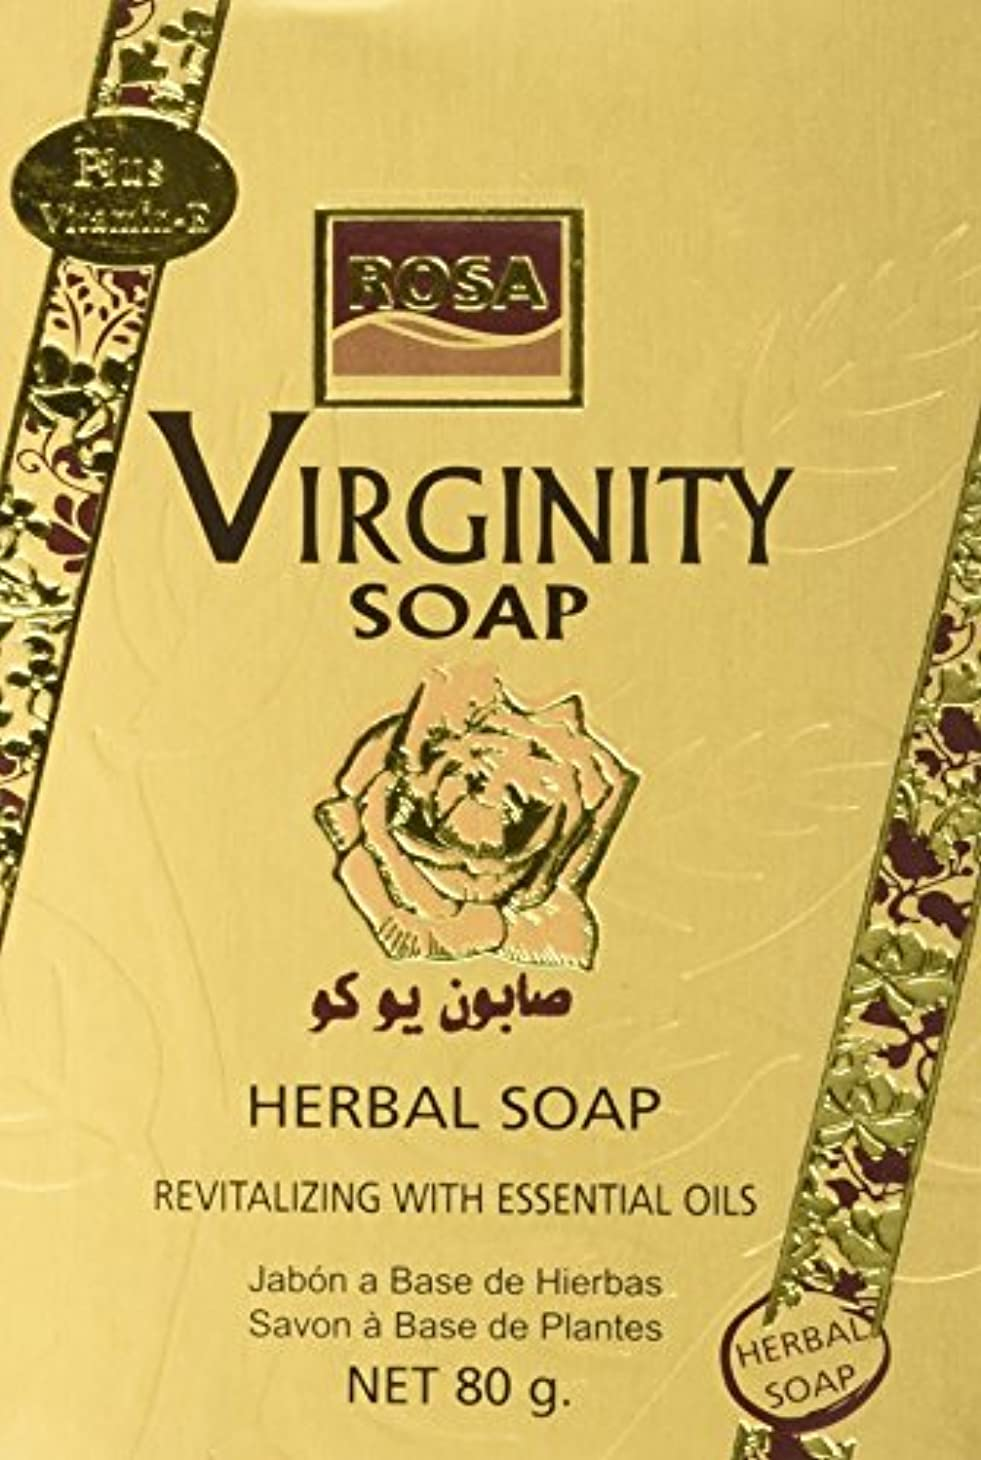 博覧会曖昧な学期Rosa Virginity Soap Bar Feminine Tighten with gift box by ROSA